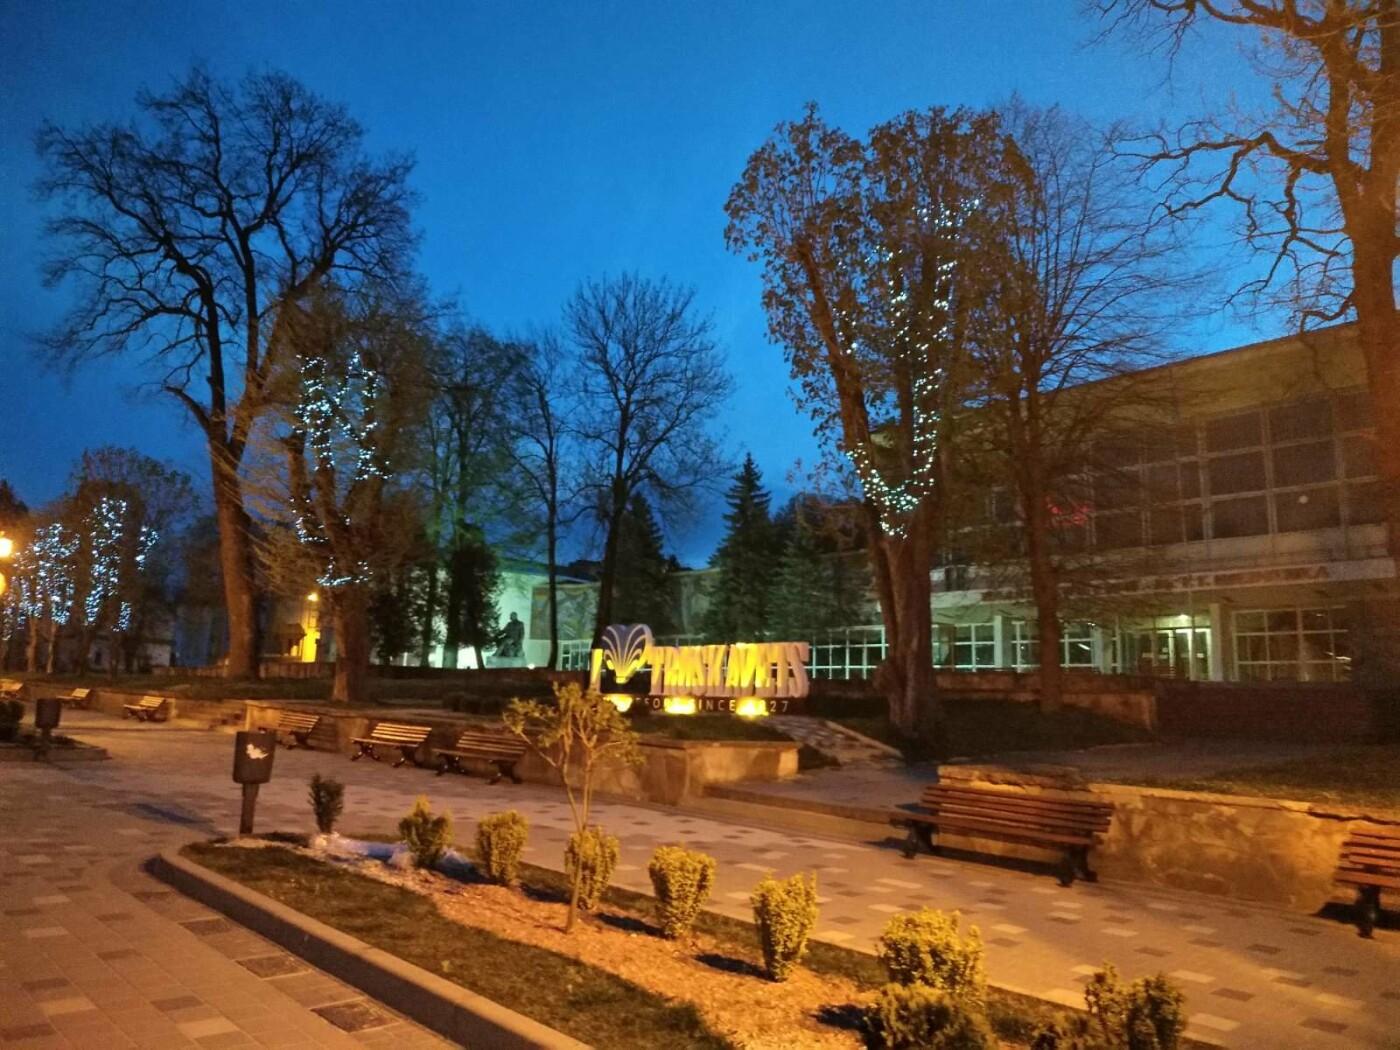 Дивовижний Трускавець: вечірній фотоогляд центральної частини міста-курорту, фото-5, Фото - 03247.com.ua